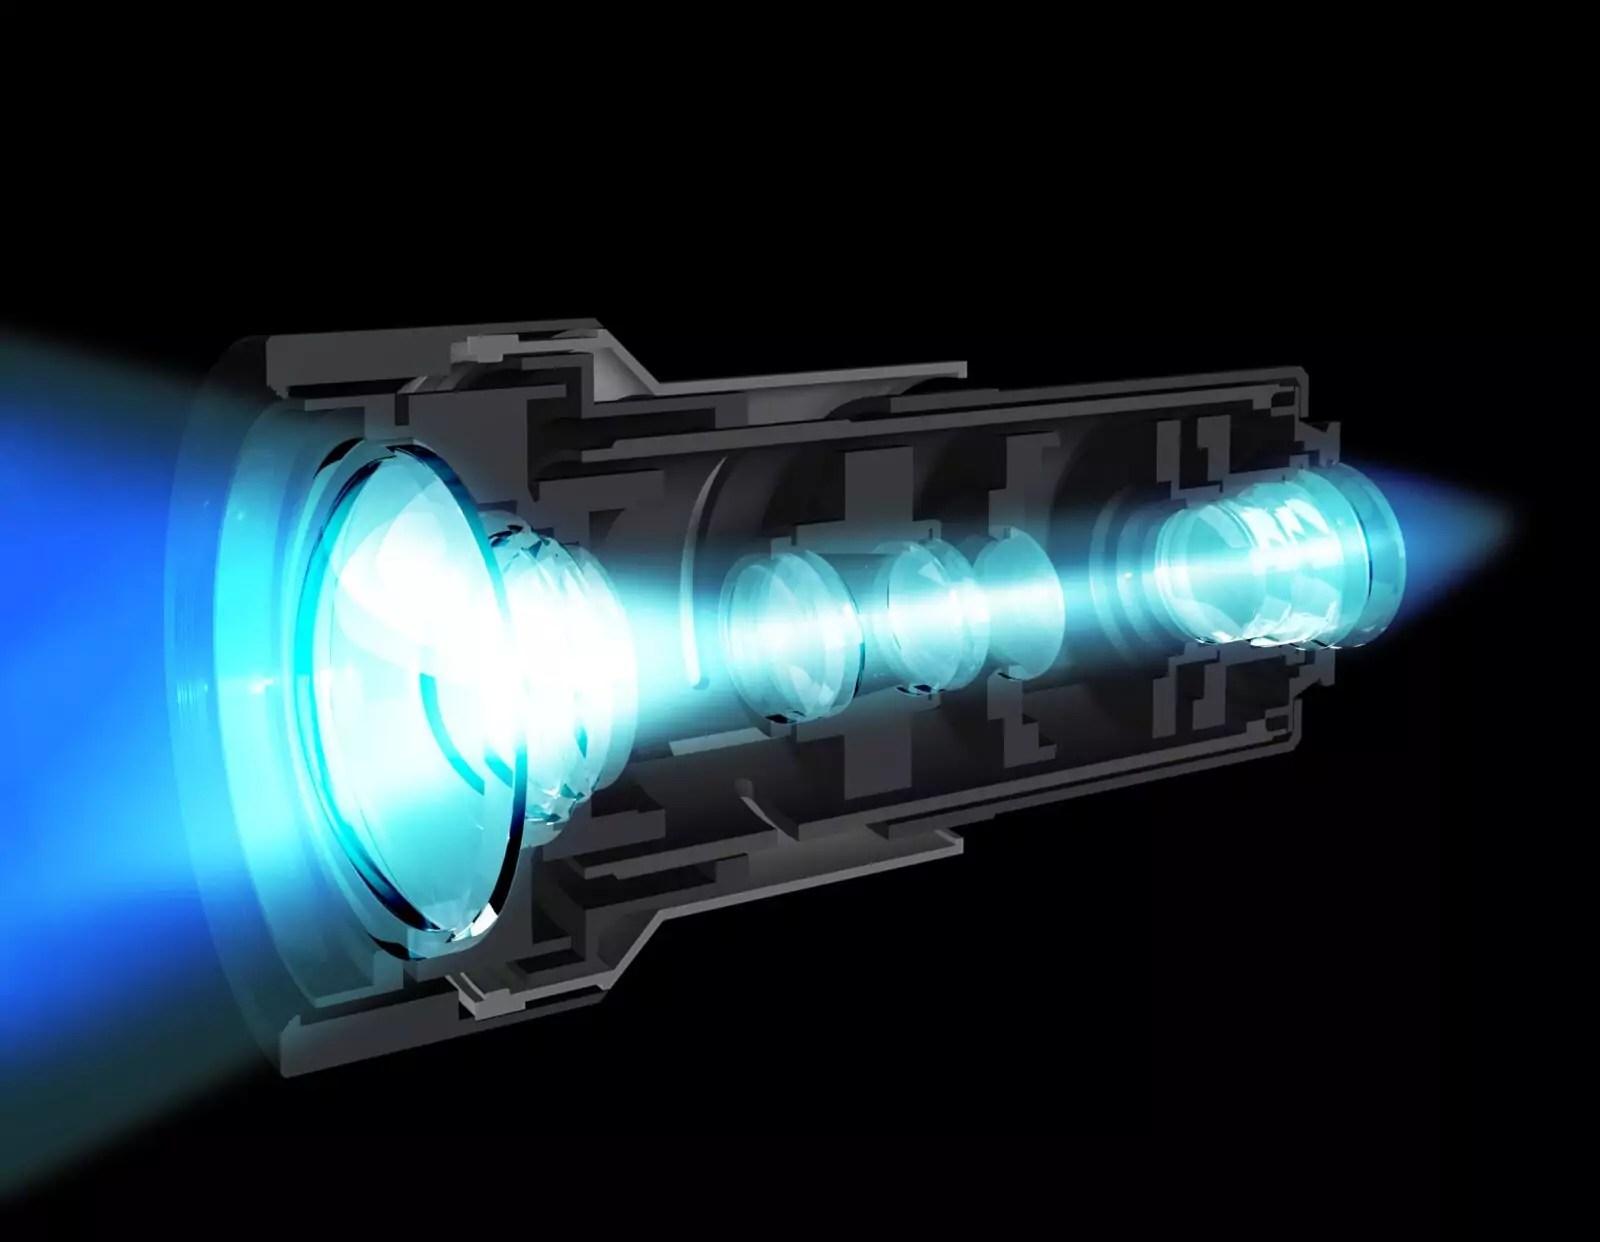 Sony projecteur VPL-VW290ES VPL-VW890ES LCDG lentille ARC F